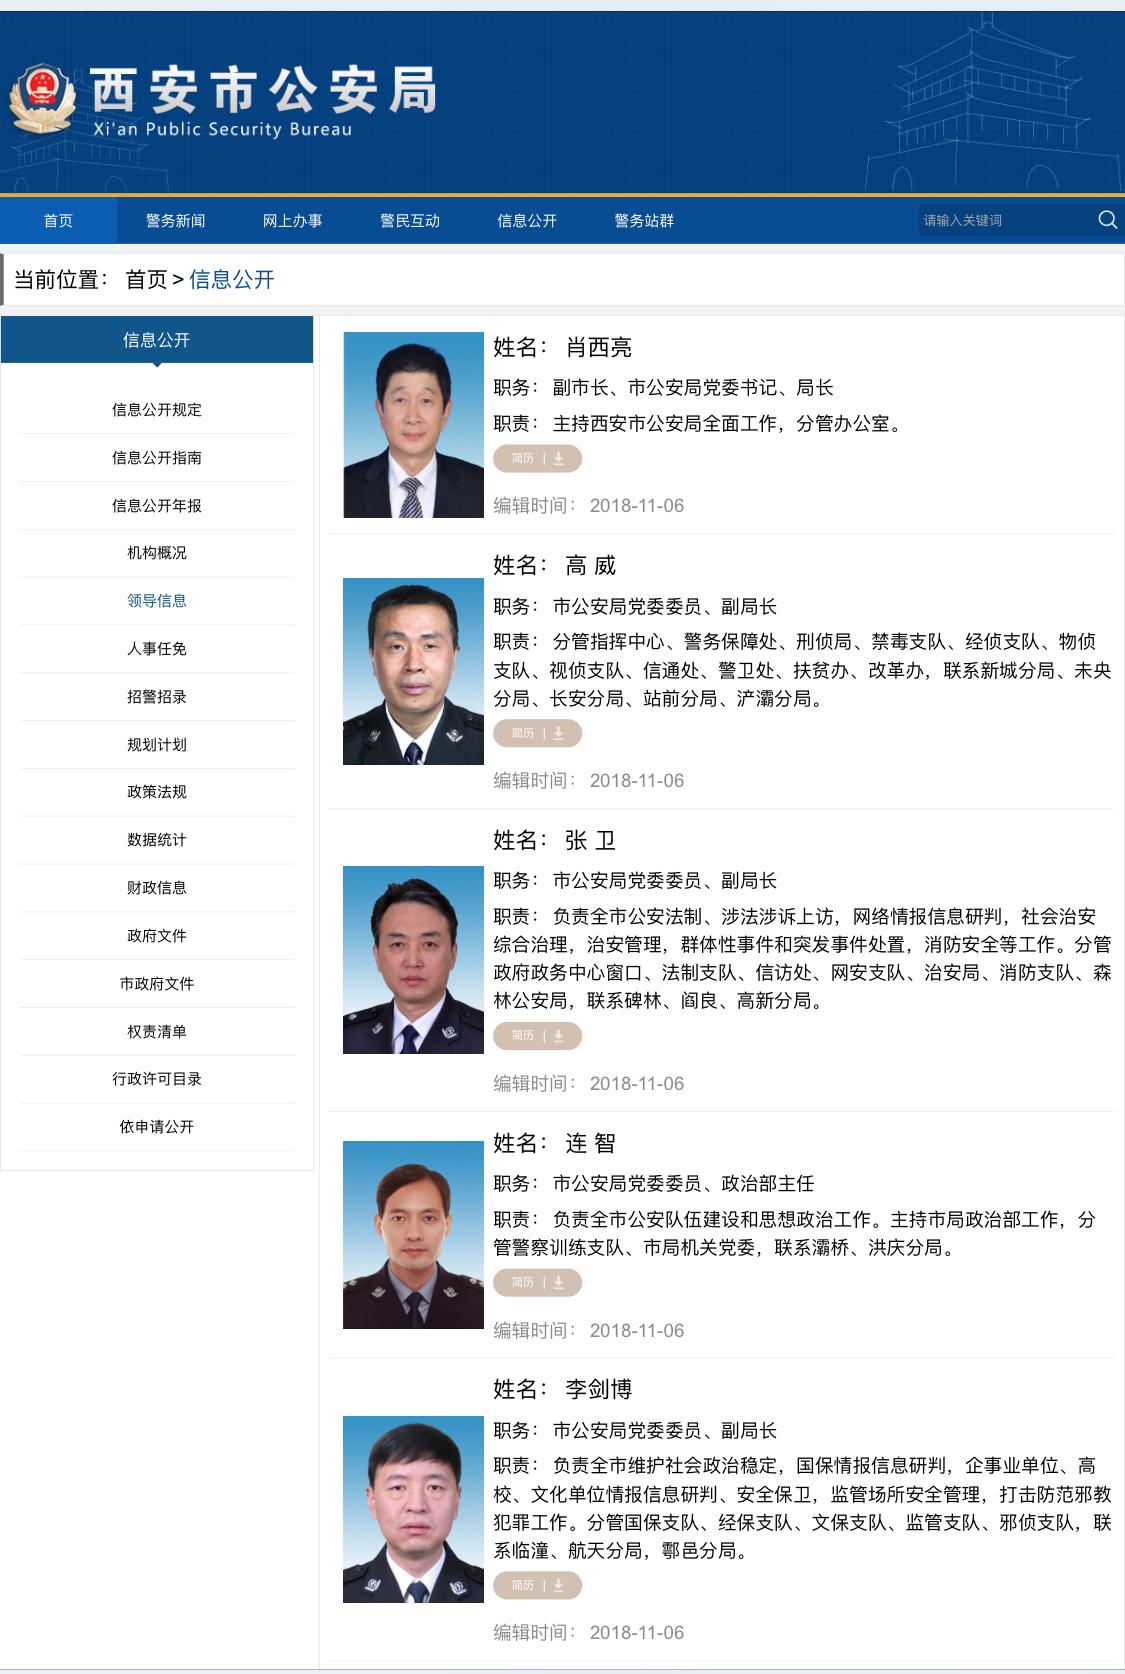 西安市公安局官网领导信息更新,原副局长张卫明确为巡视员